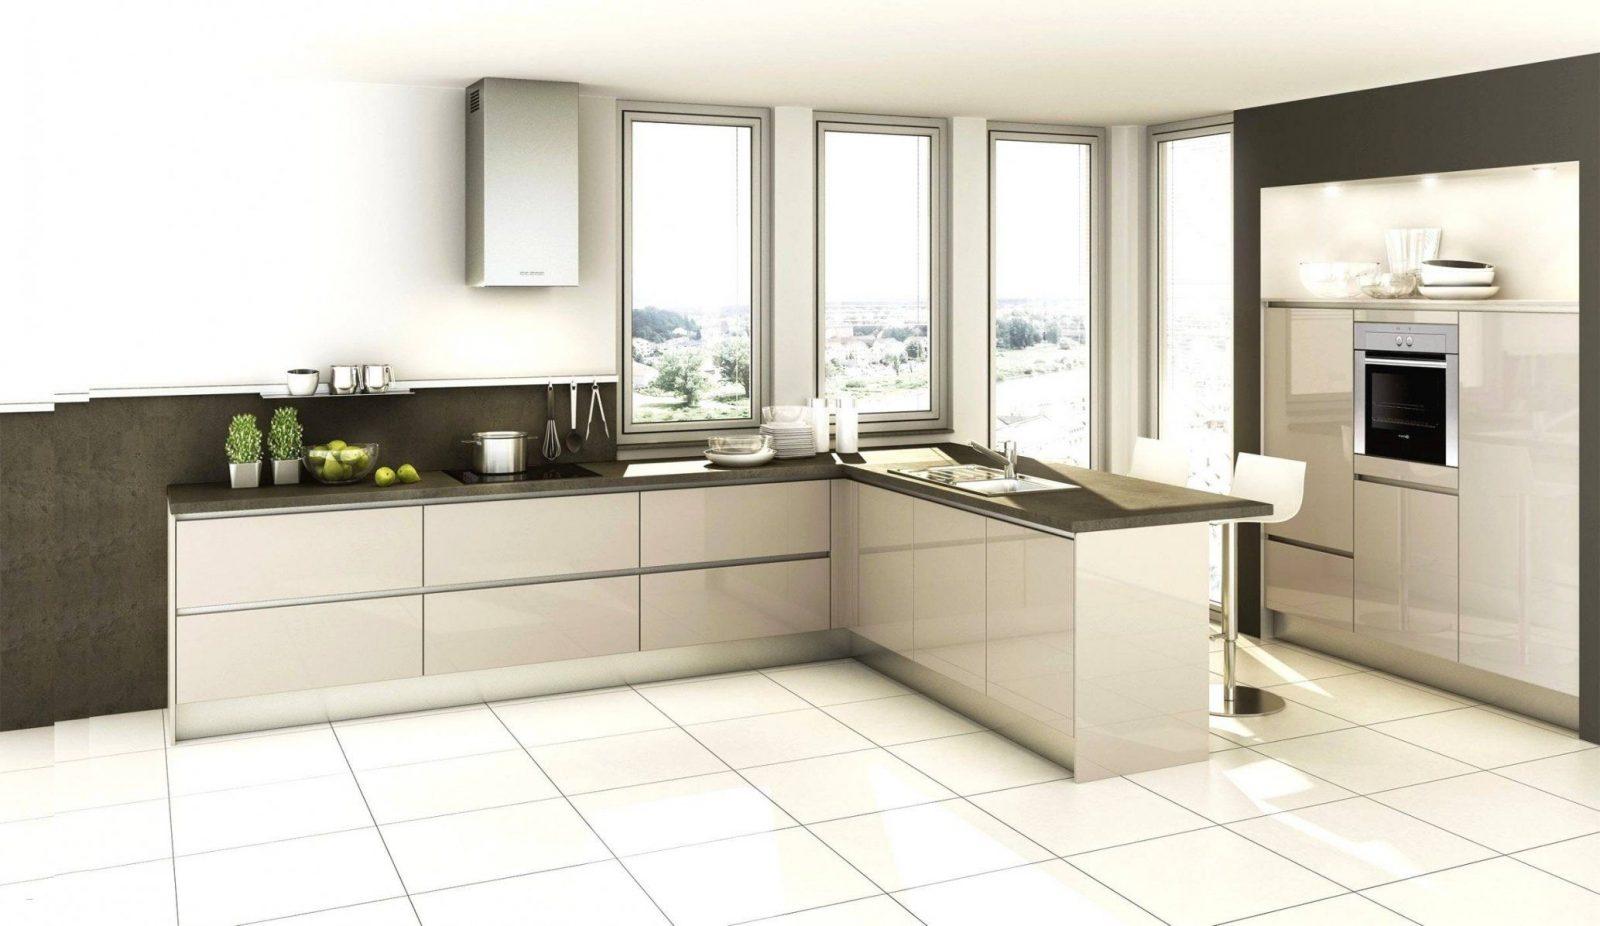 Sitzbank Küche Wunderschön Tolle Küche Selber Bauen Aus